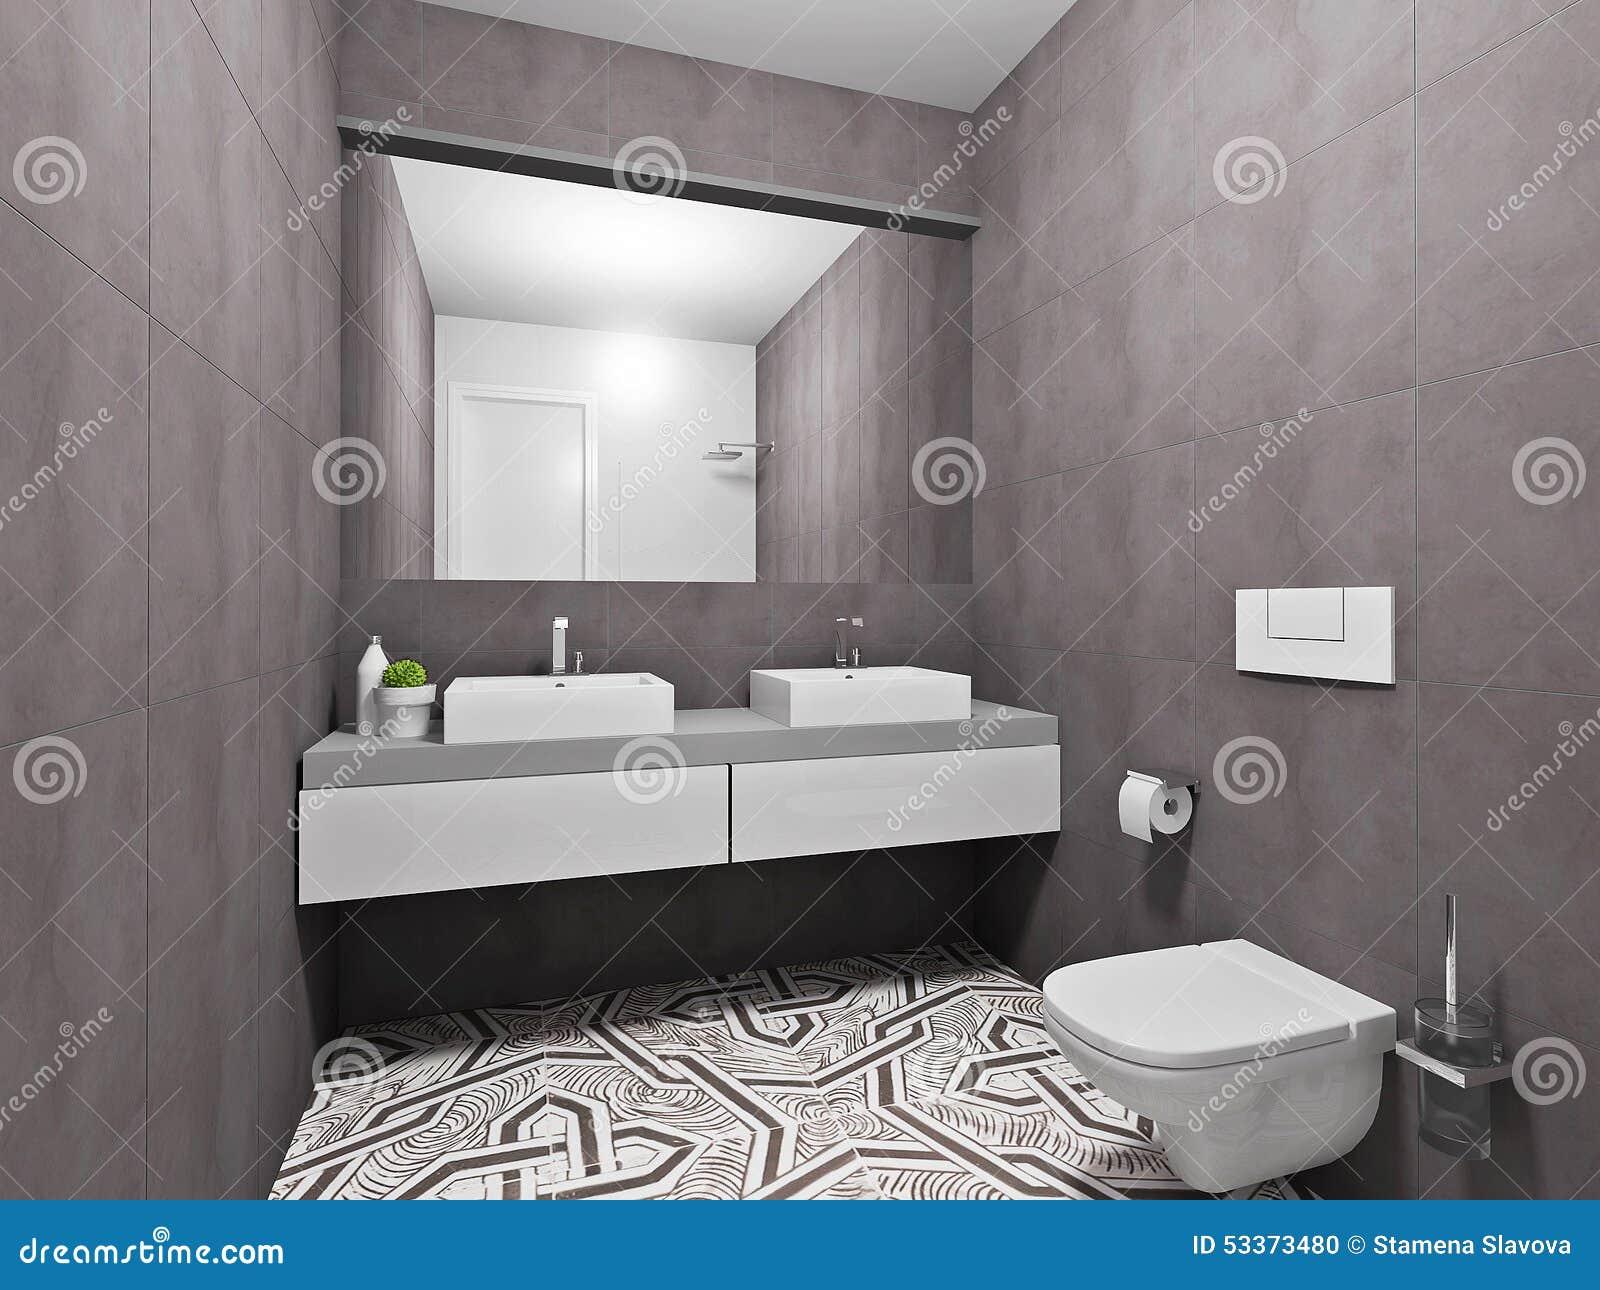 Modisches graues badezimmer stockfoto bild von - Graues badezimmer ...